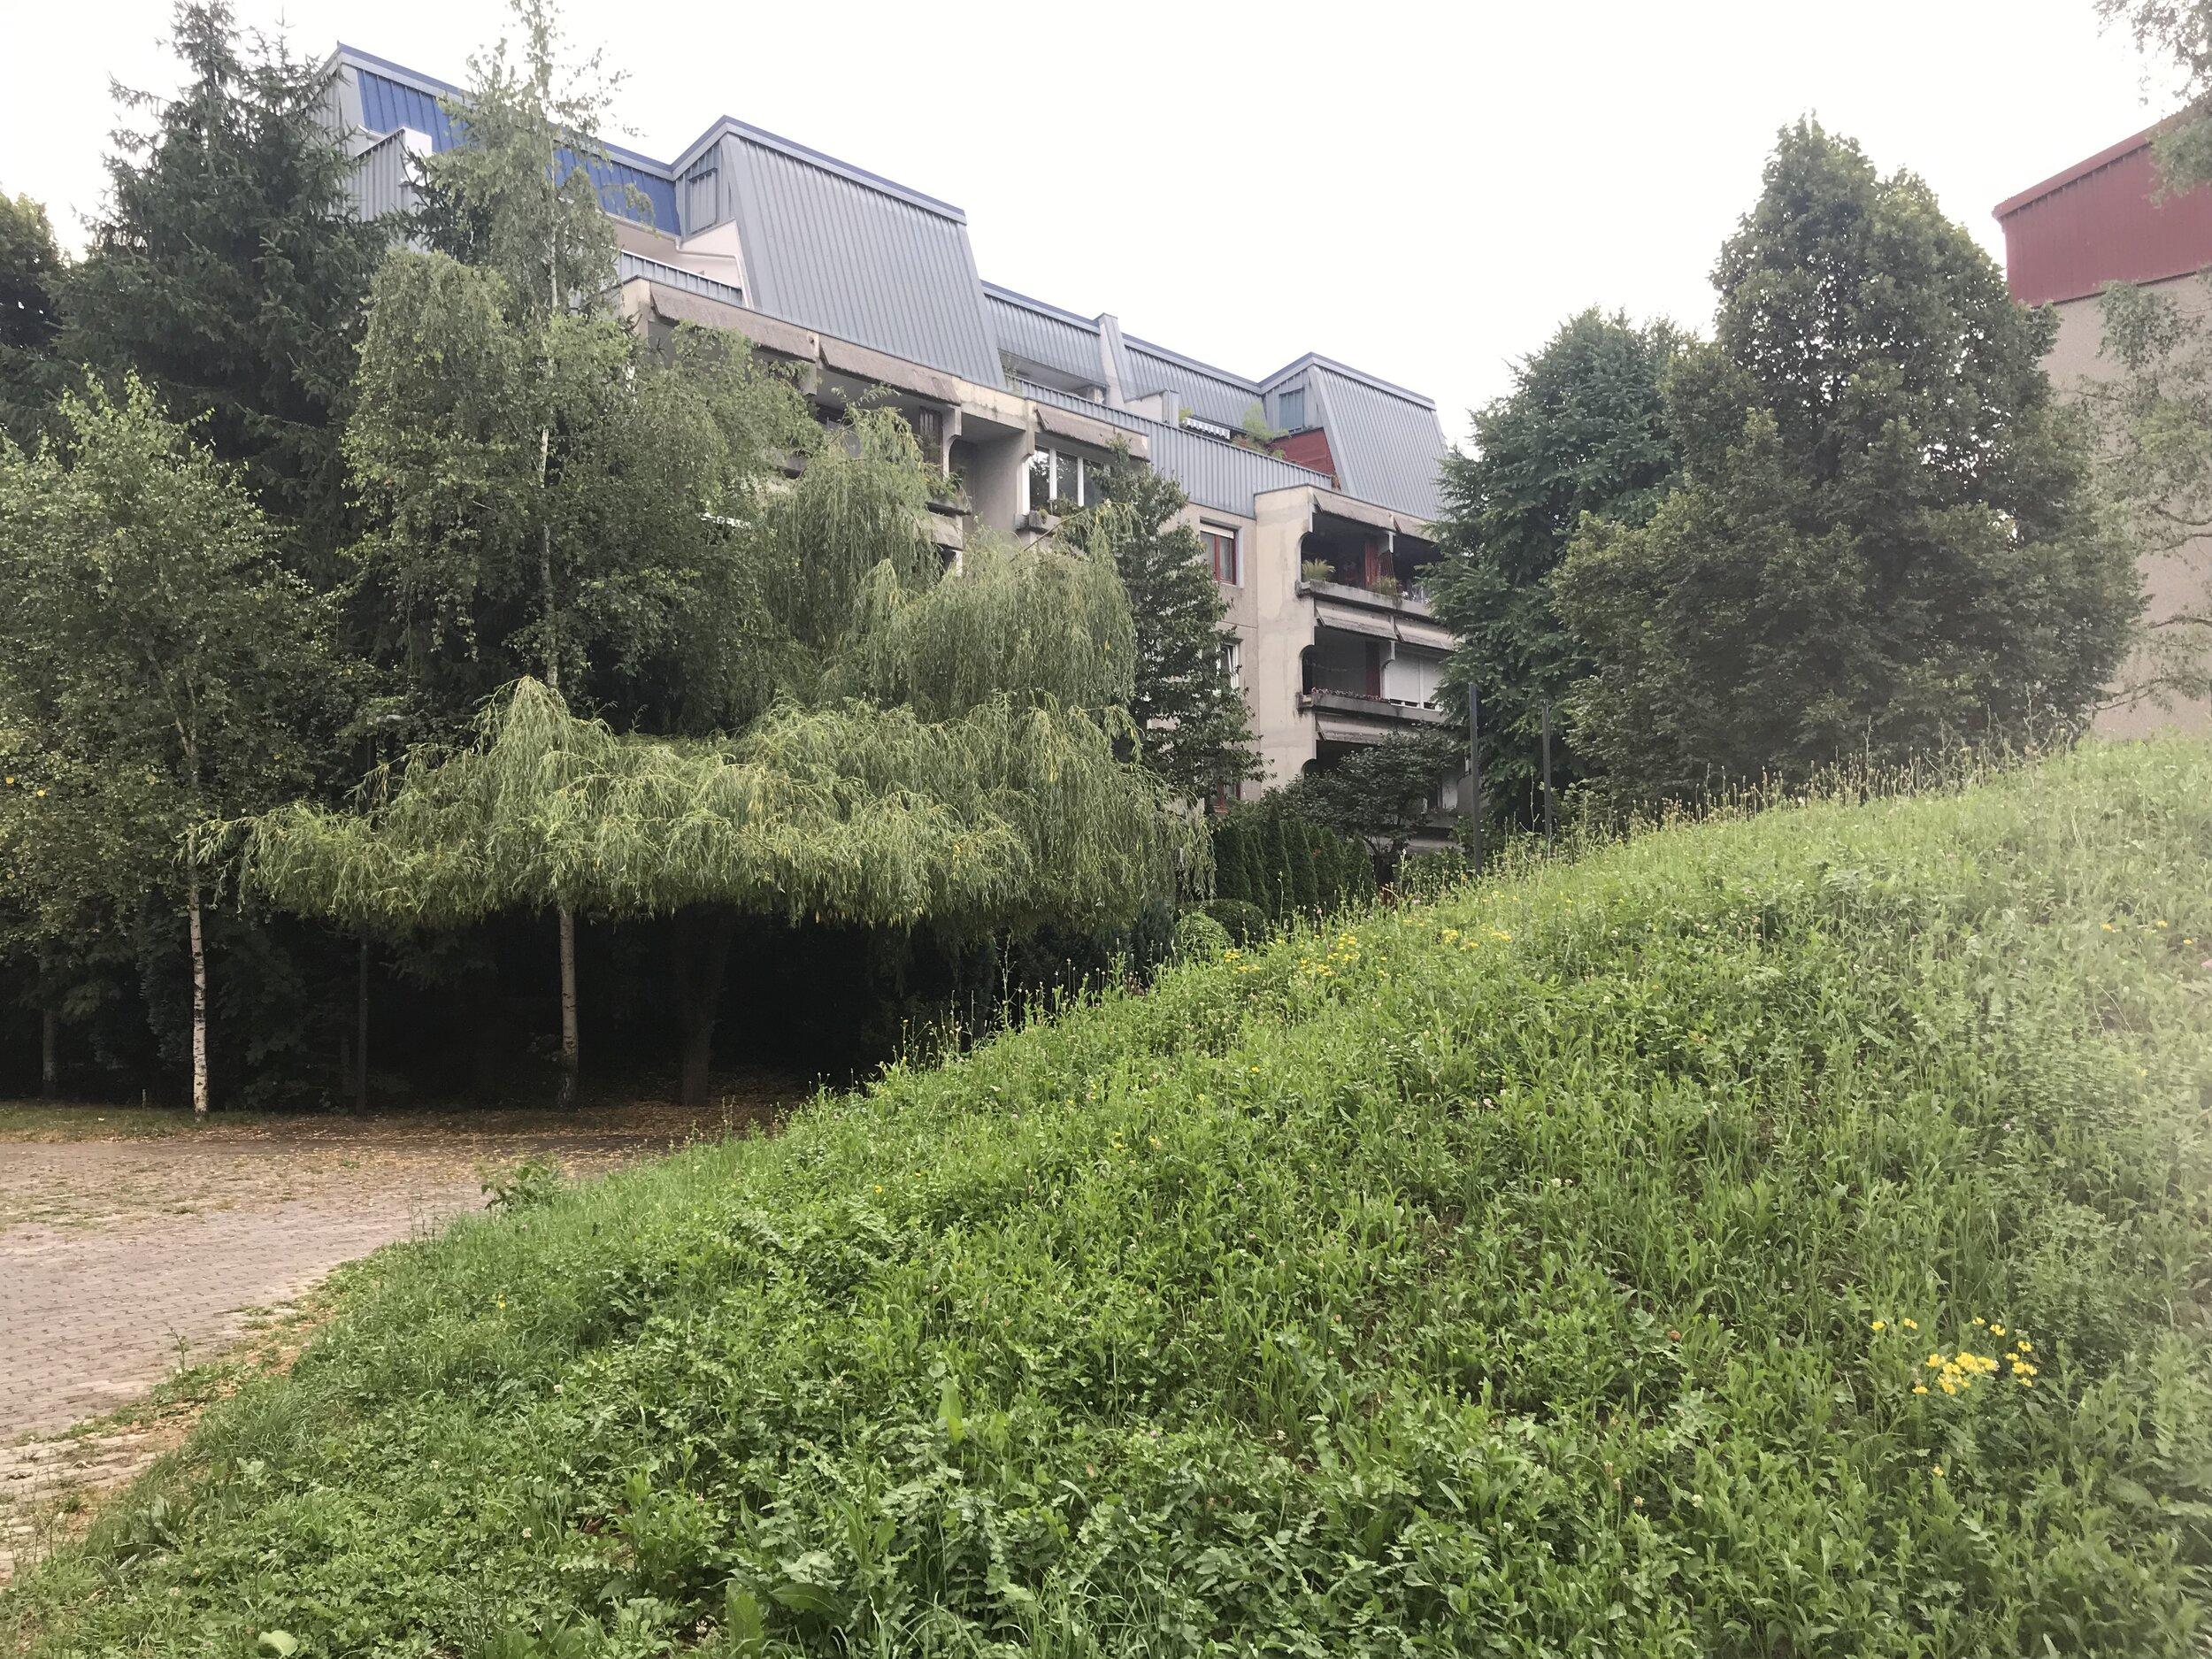 Figure 5. Fužine_04: Verdant landscaping surrounding low-rise Fužine buildings, 2019. Photograph by Michael R. Allen.